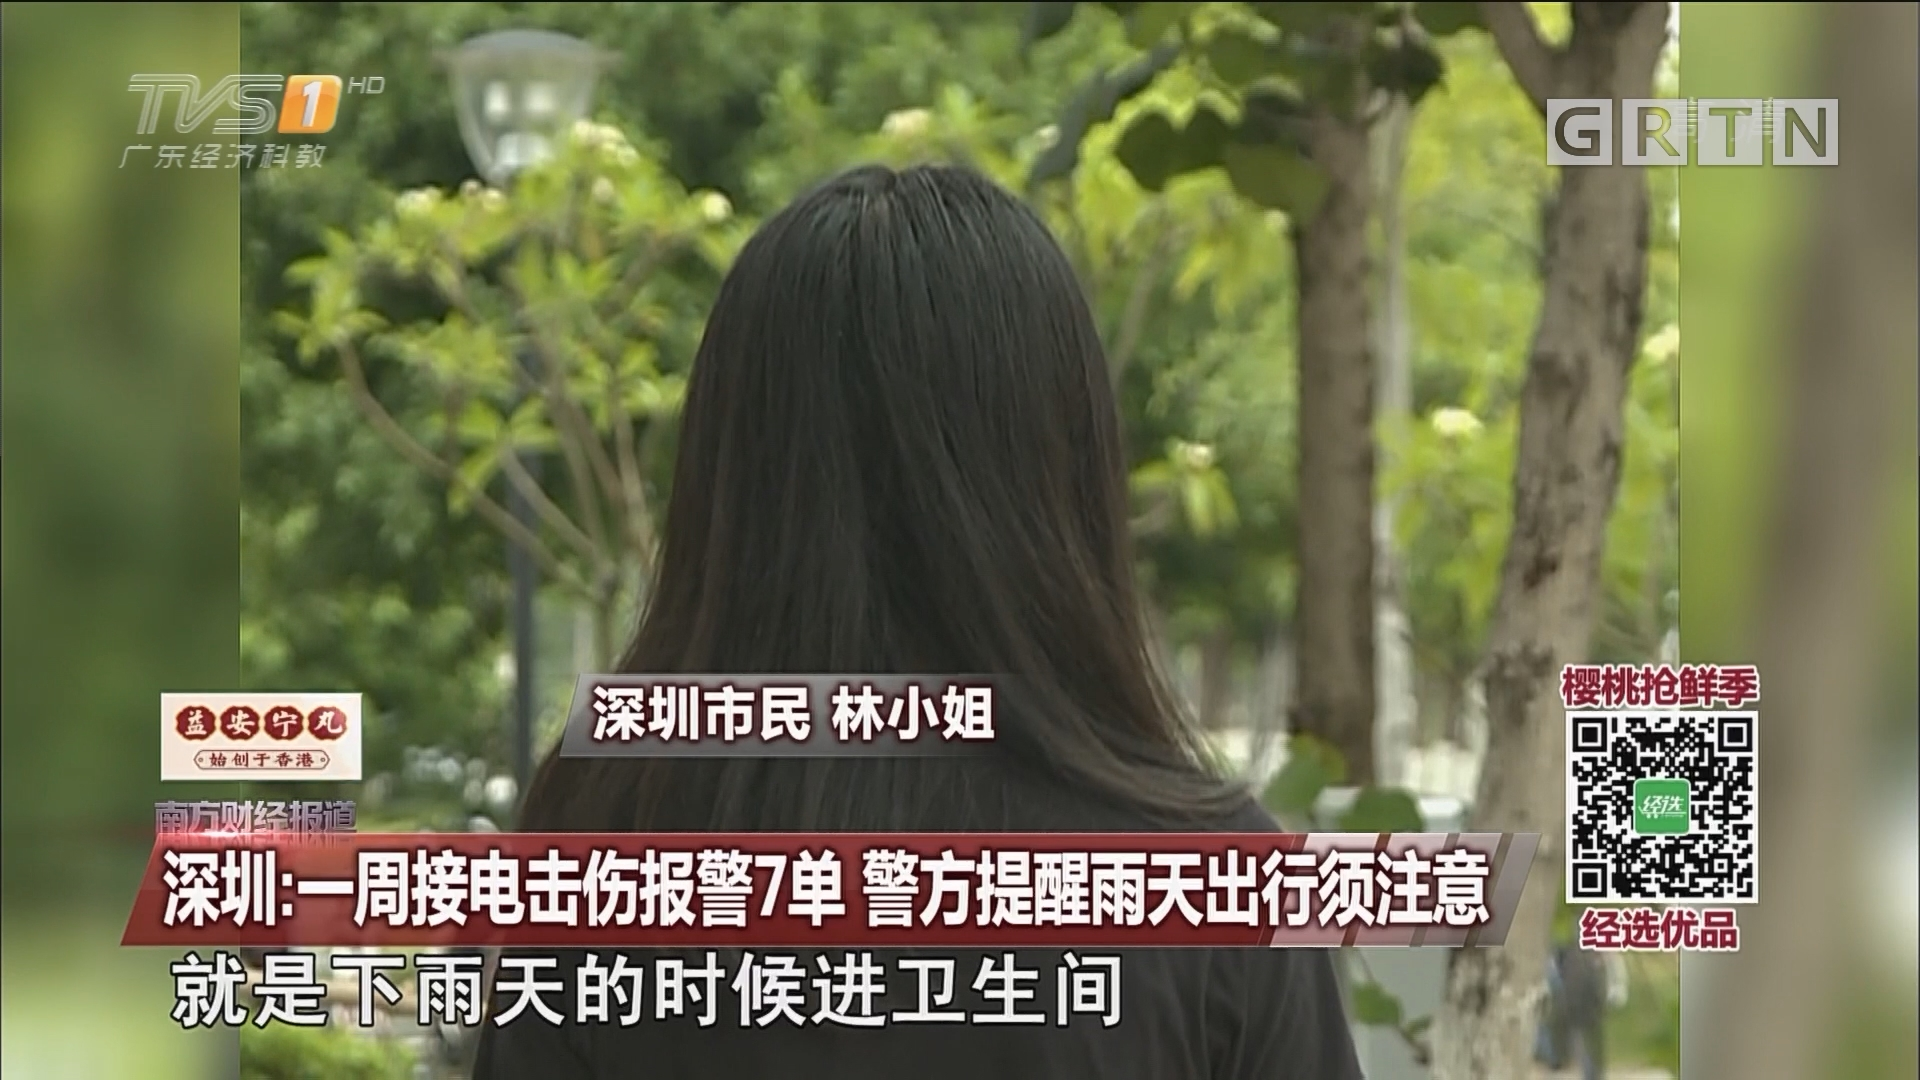 深圳:一周接电击伤报警7单 警方提醒雨天出行须注意